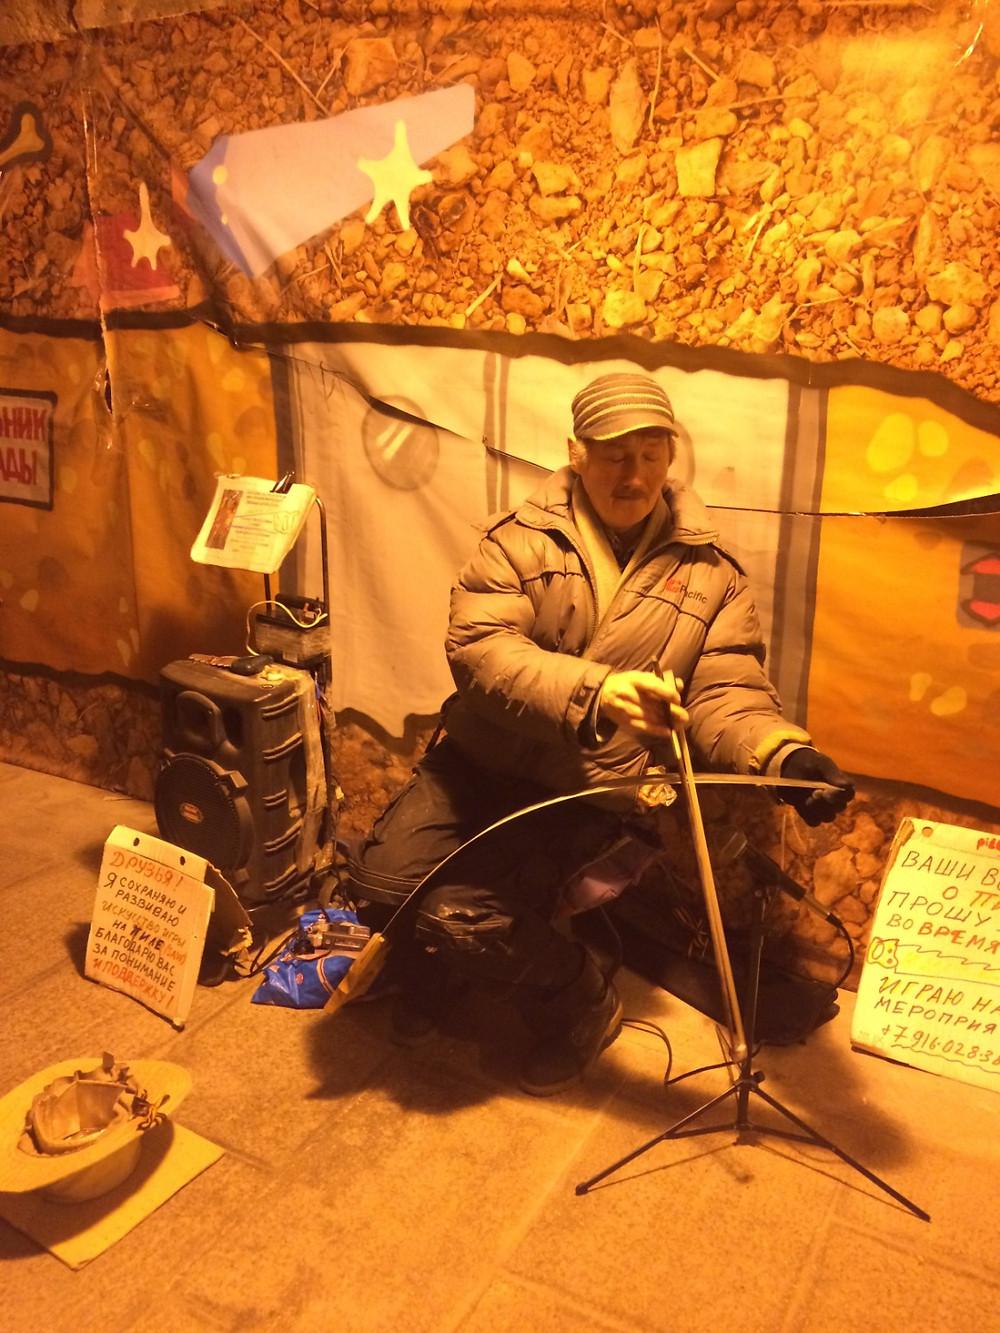 Artista de rua em moscou